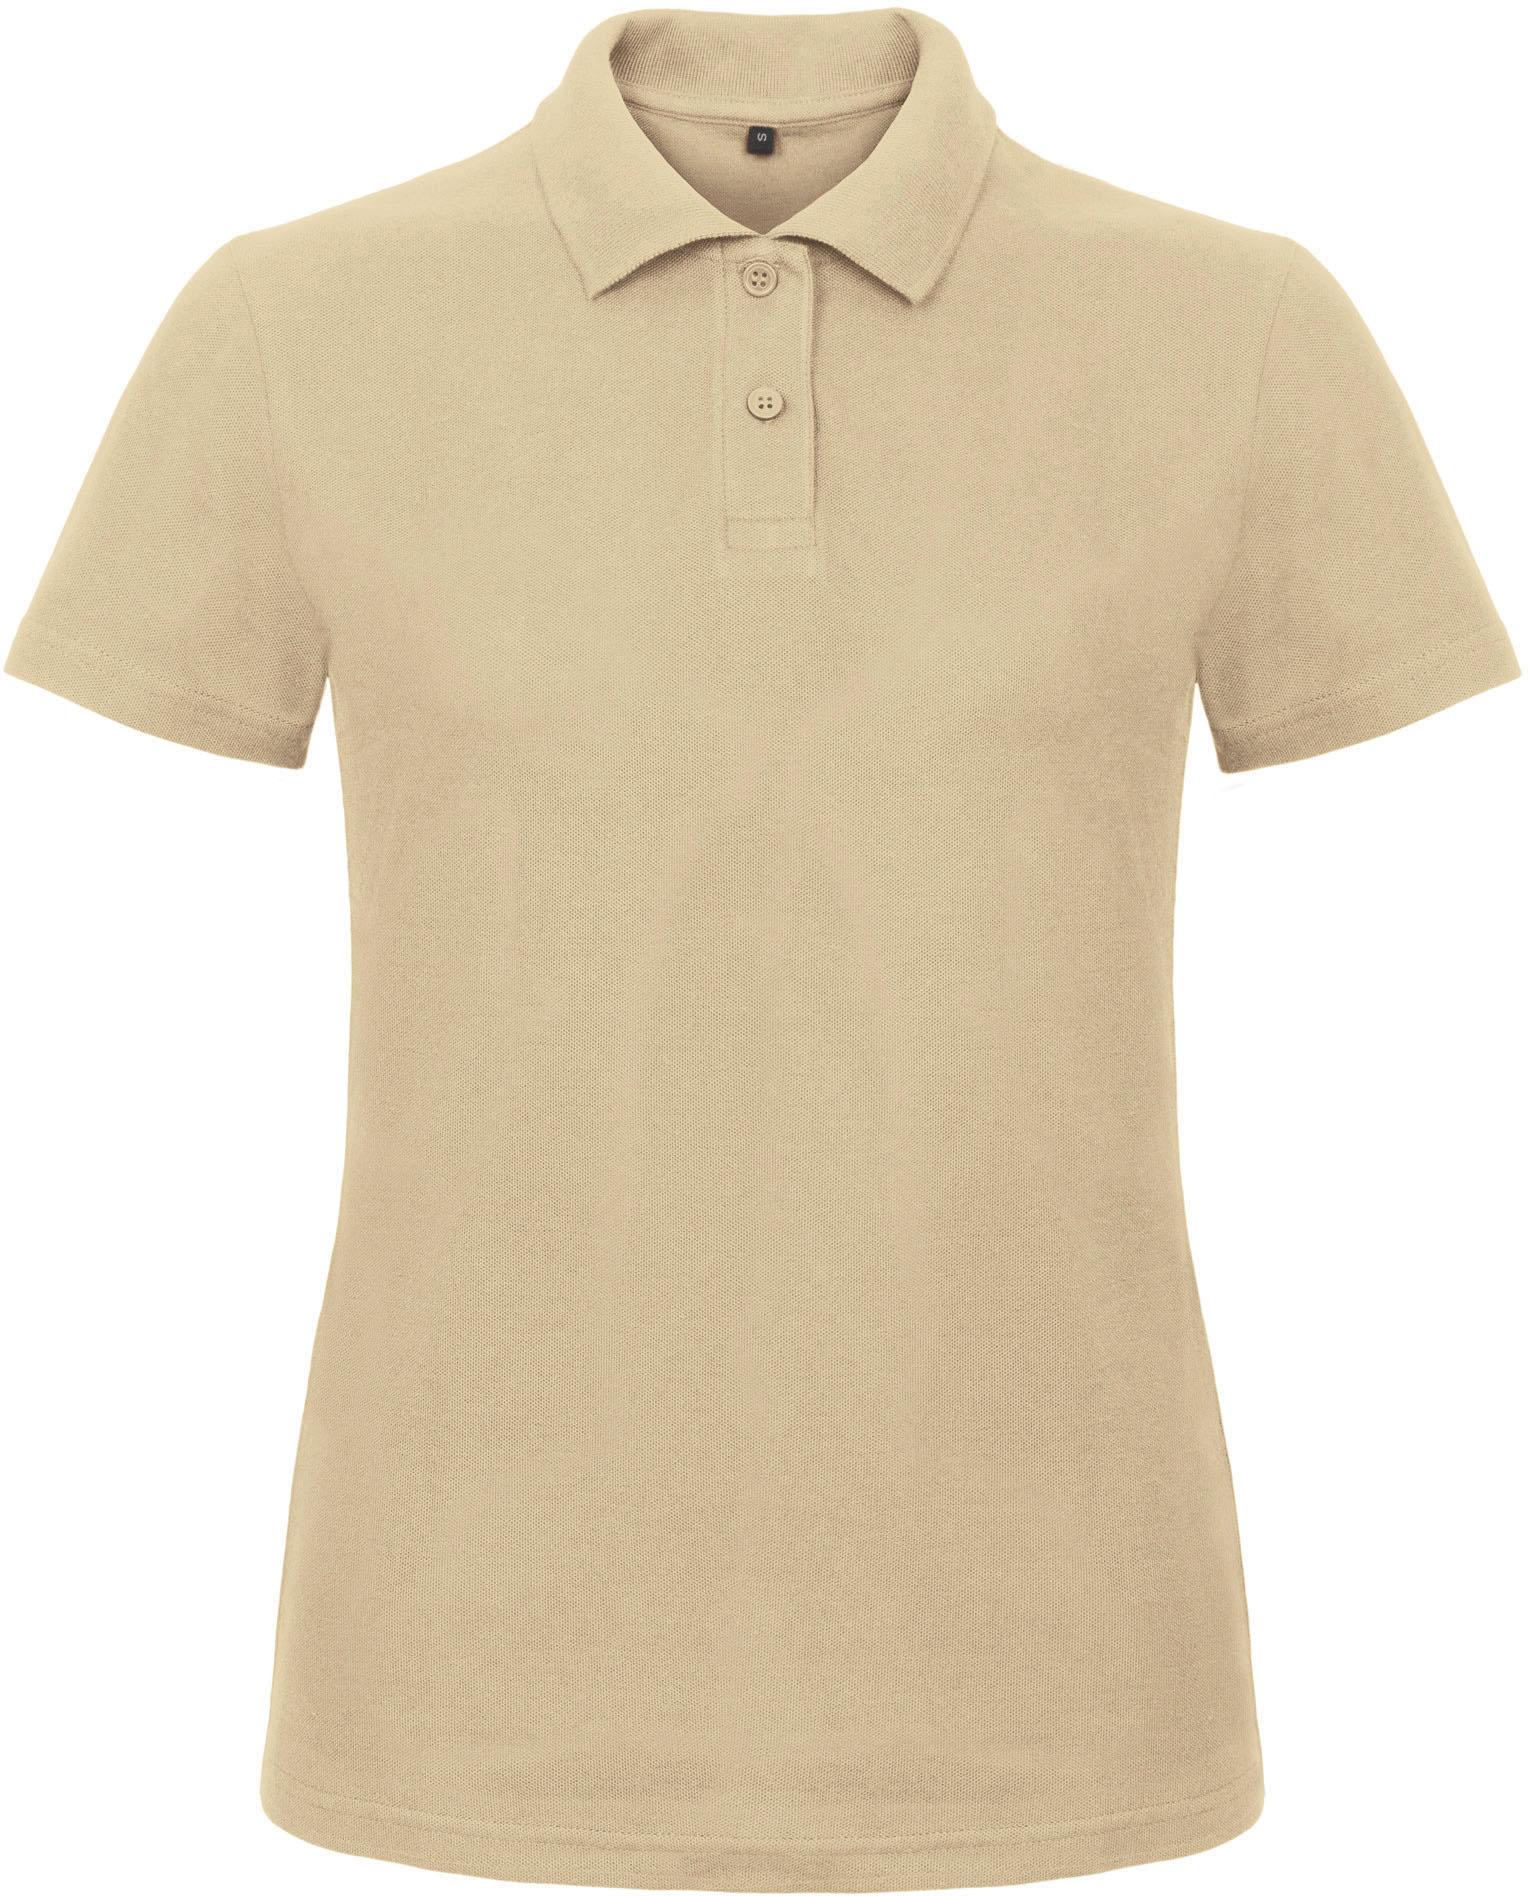 BCID1-Polo-B&C-ID.001 - PWI11- Polo Femme, 100% coton, pre retrace, ring spun, 180g, bouton ton sur ton, B&C, 109 tshirts